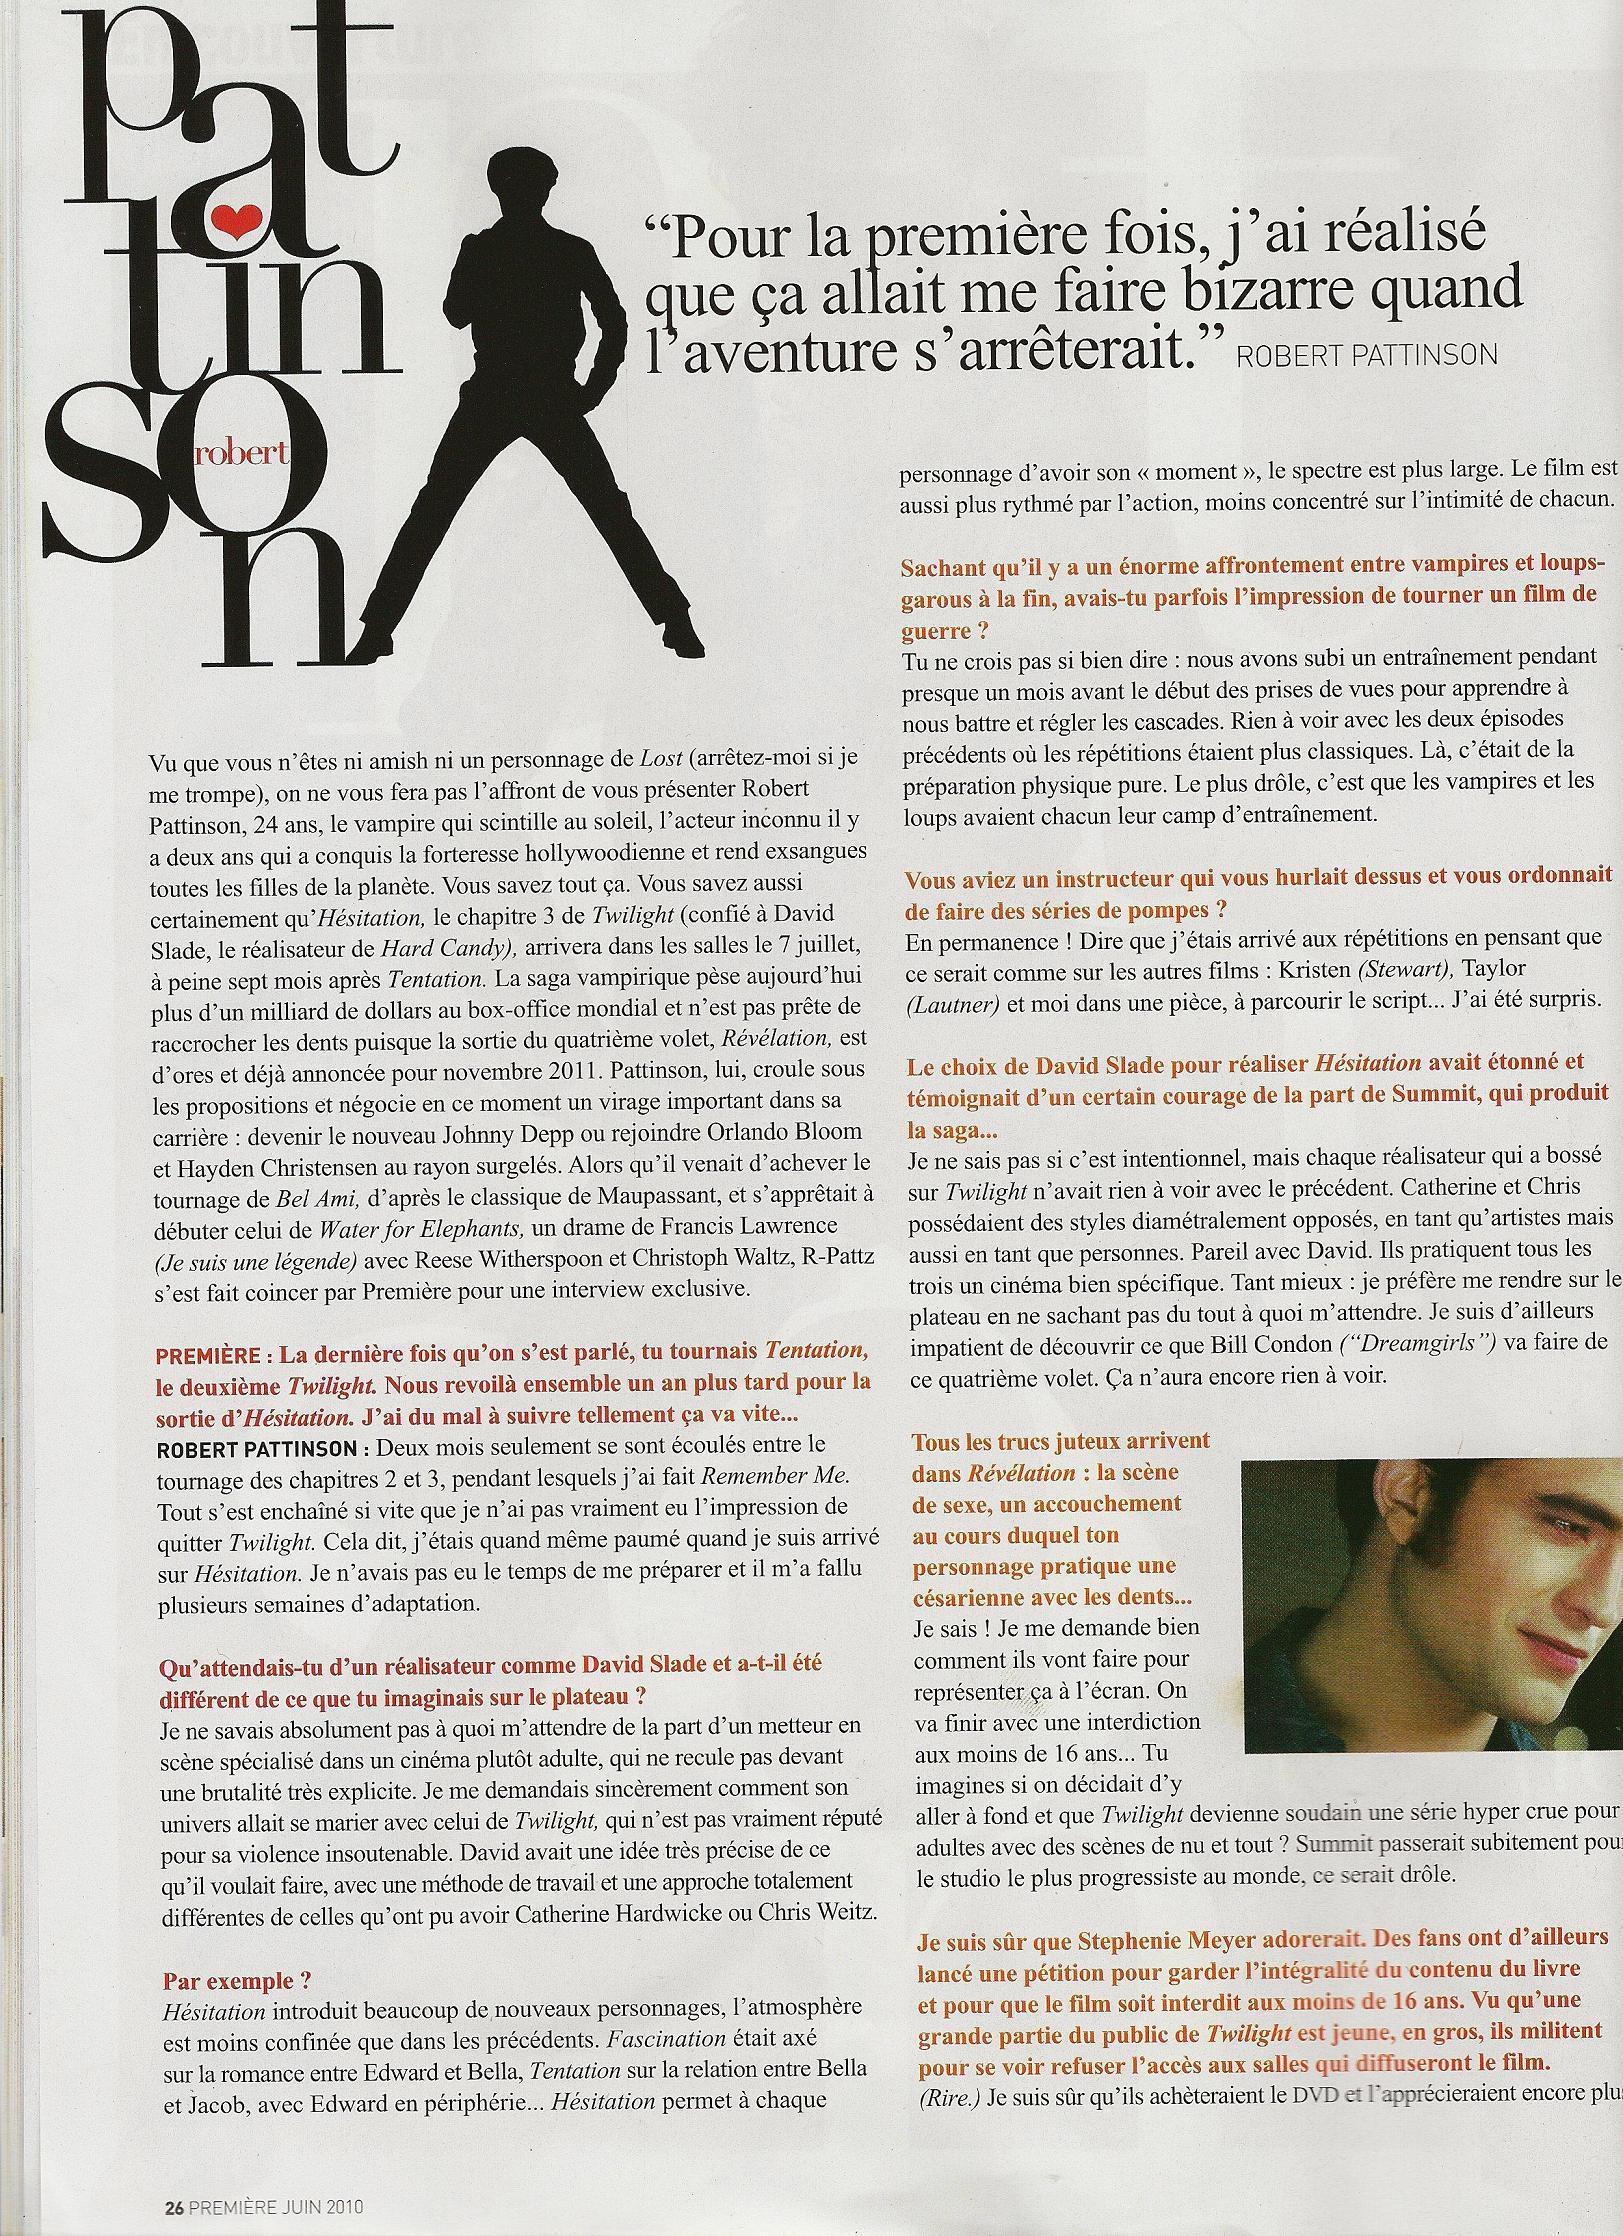 Premiere Magazine Scans